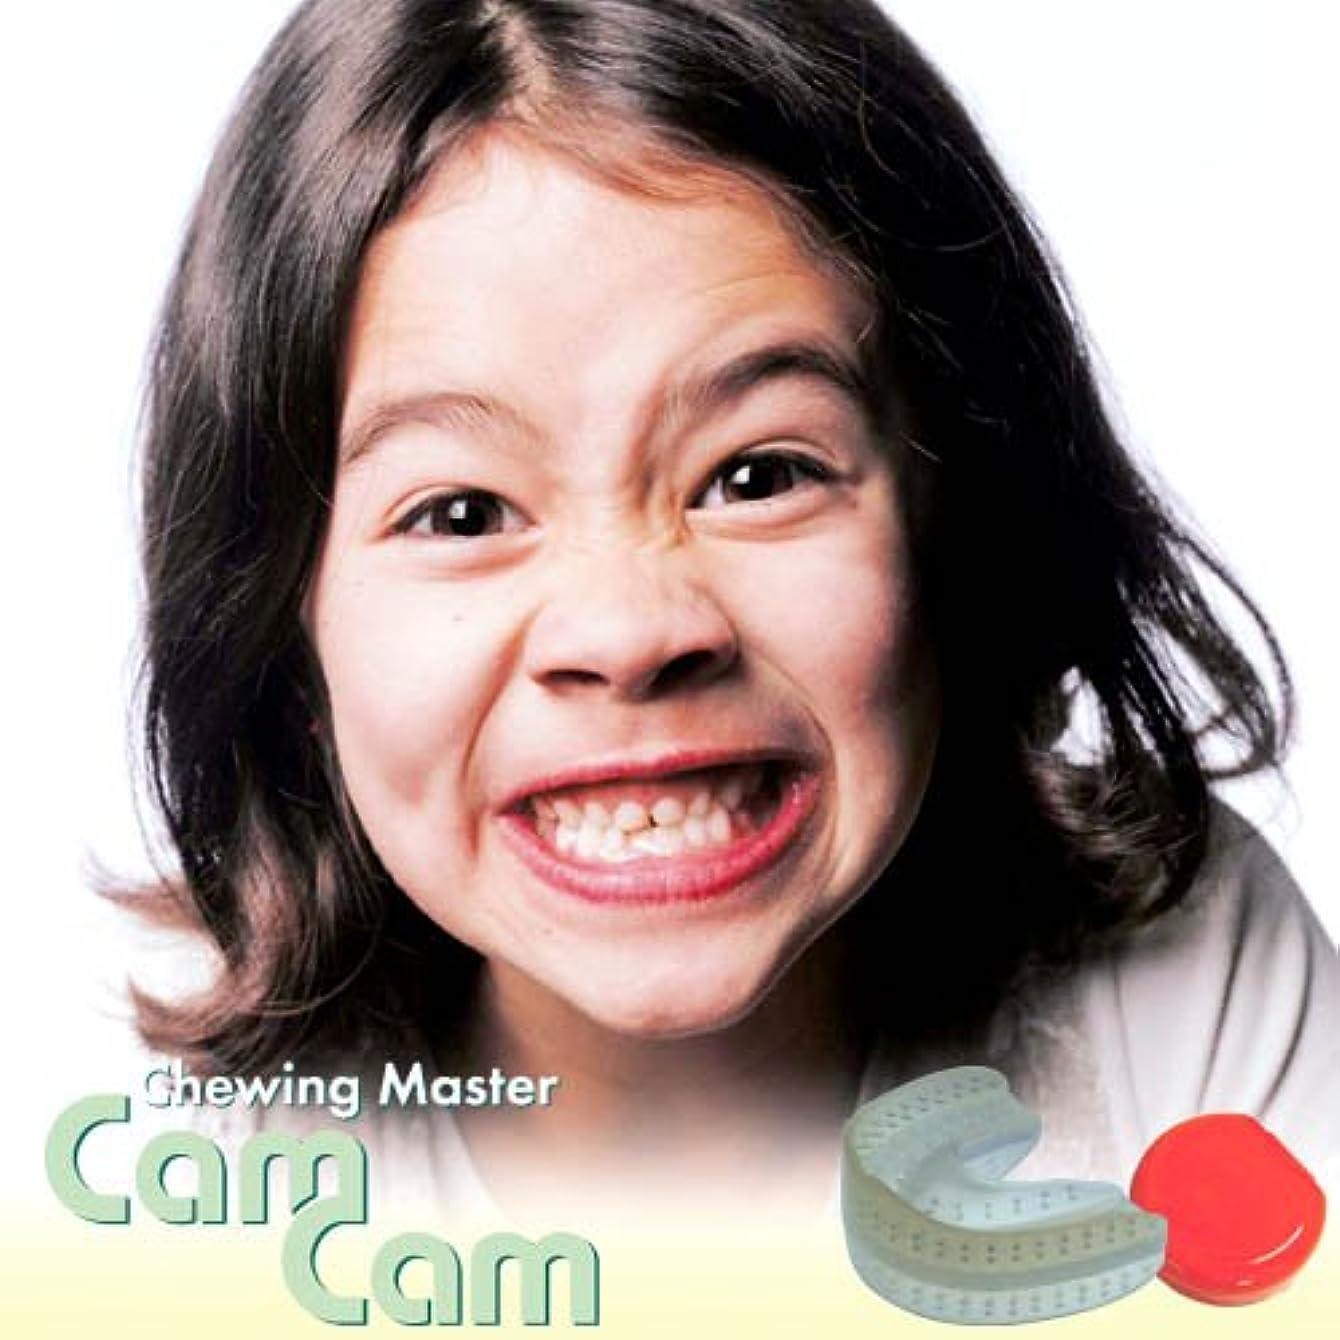 お手入れ所得マイクロフォン歯科医師開発 口腔筋機能トレーニング マウスピース 【CamCam MD (オレンジ)】混合歯列期から永久歯列期用